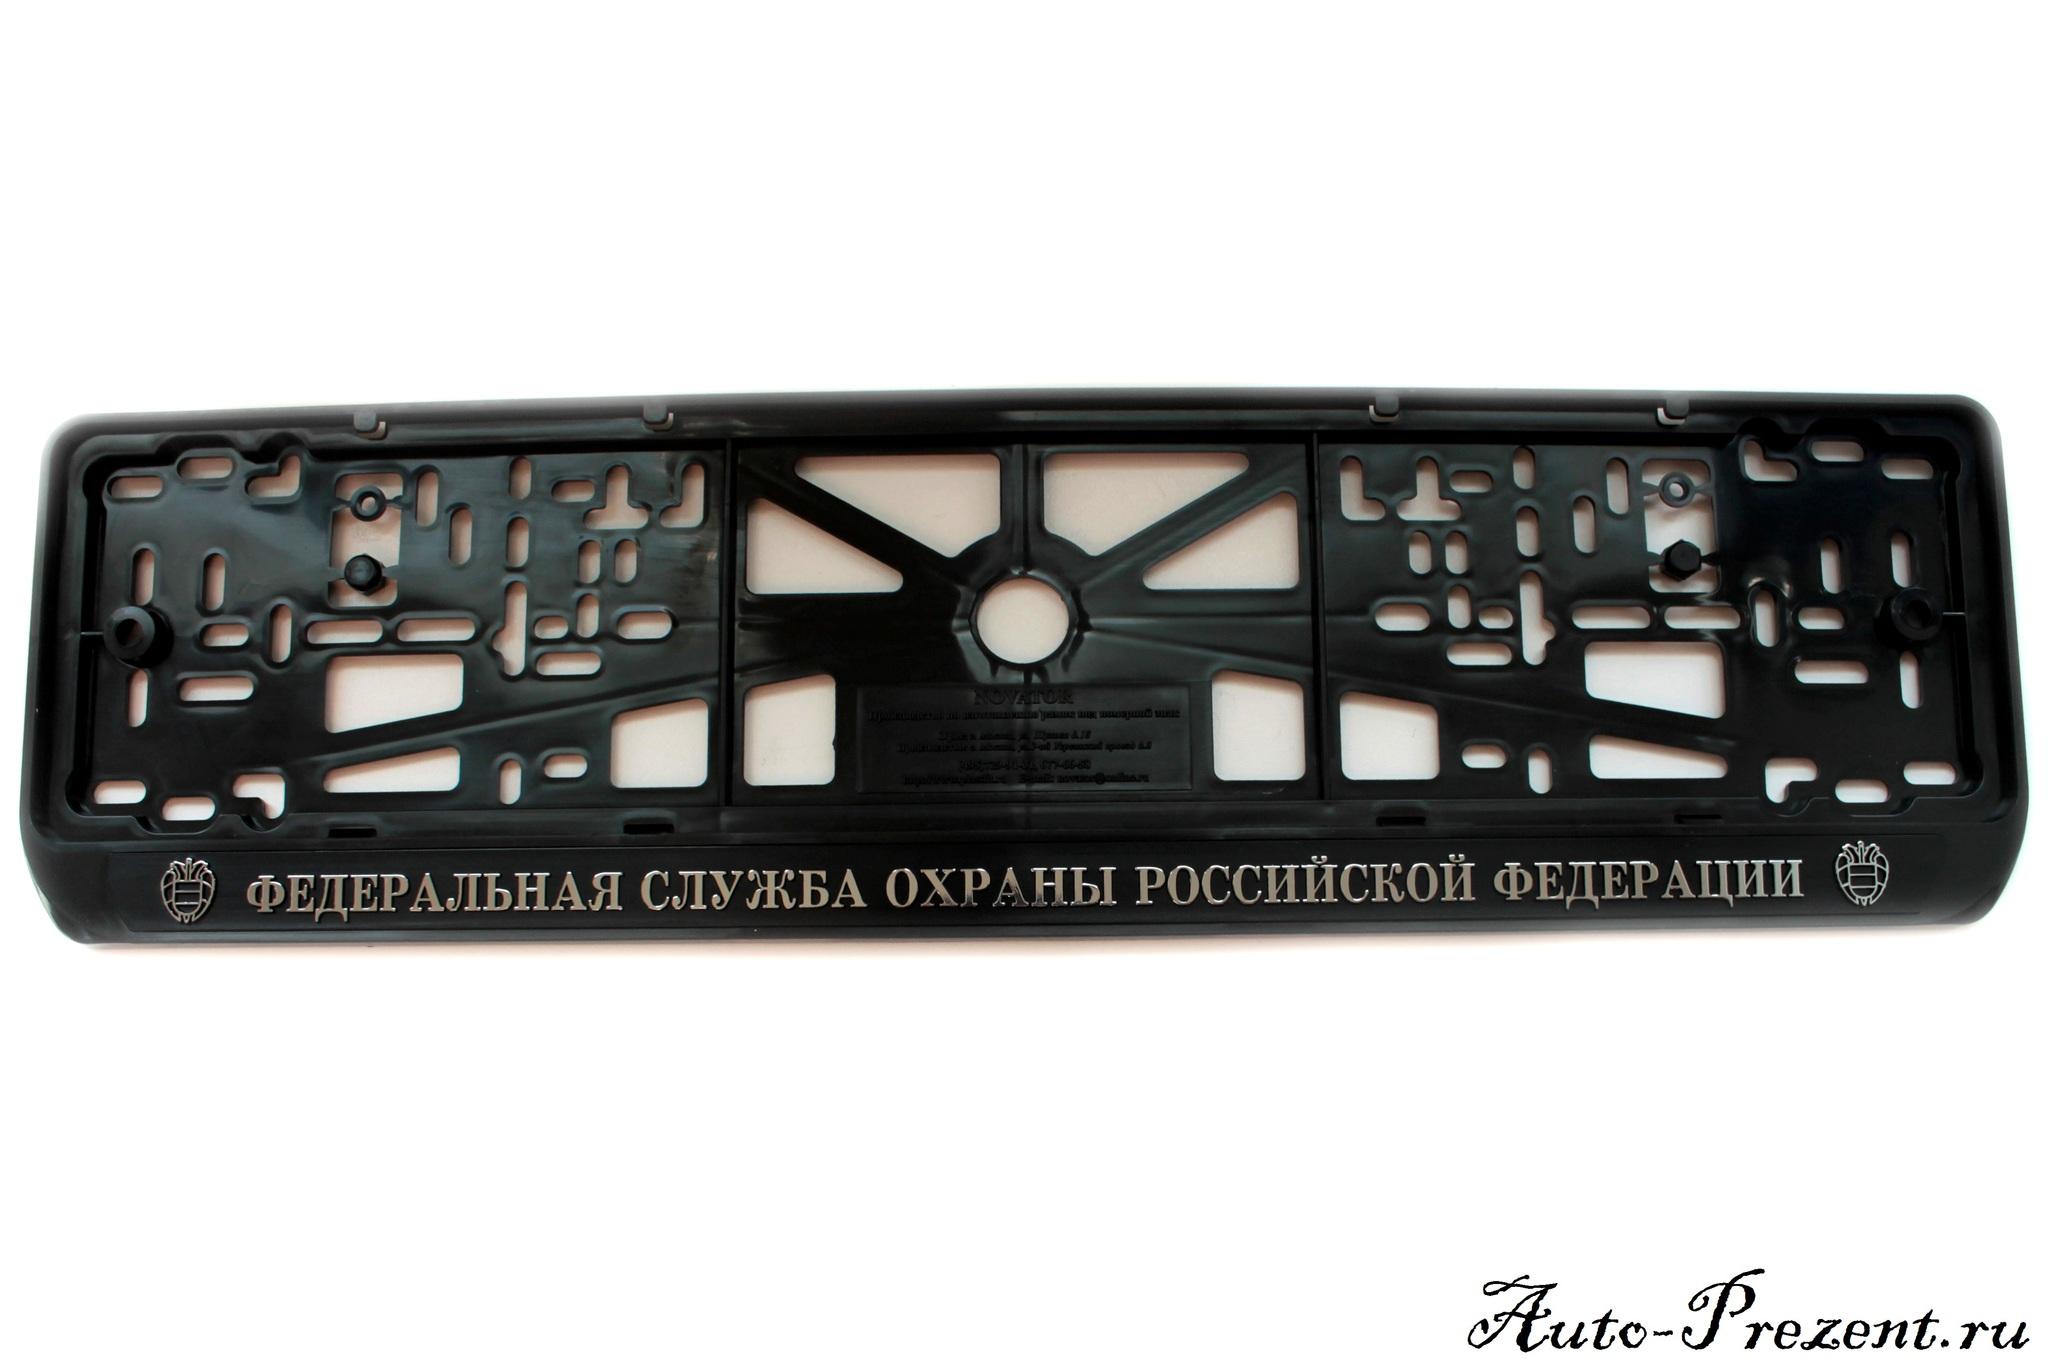 Рамки под номерной знак пластиковые Федеральная служба охраны Российской Федерации (2 шт.)